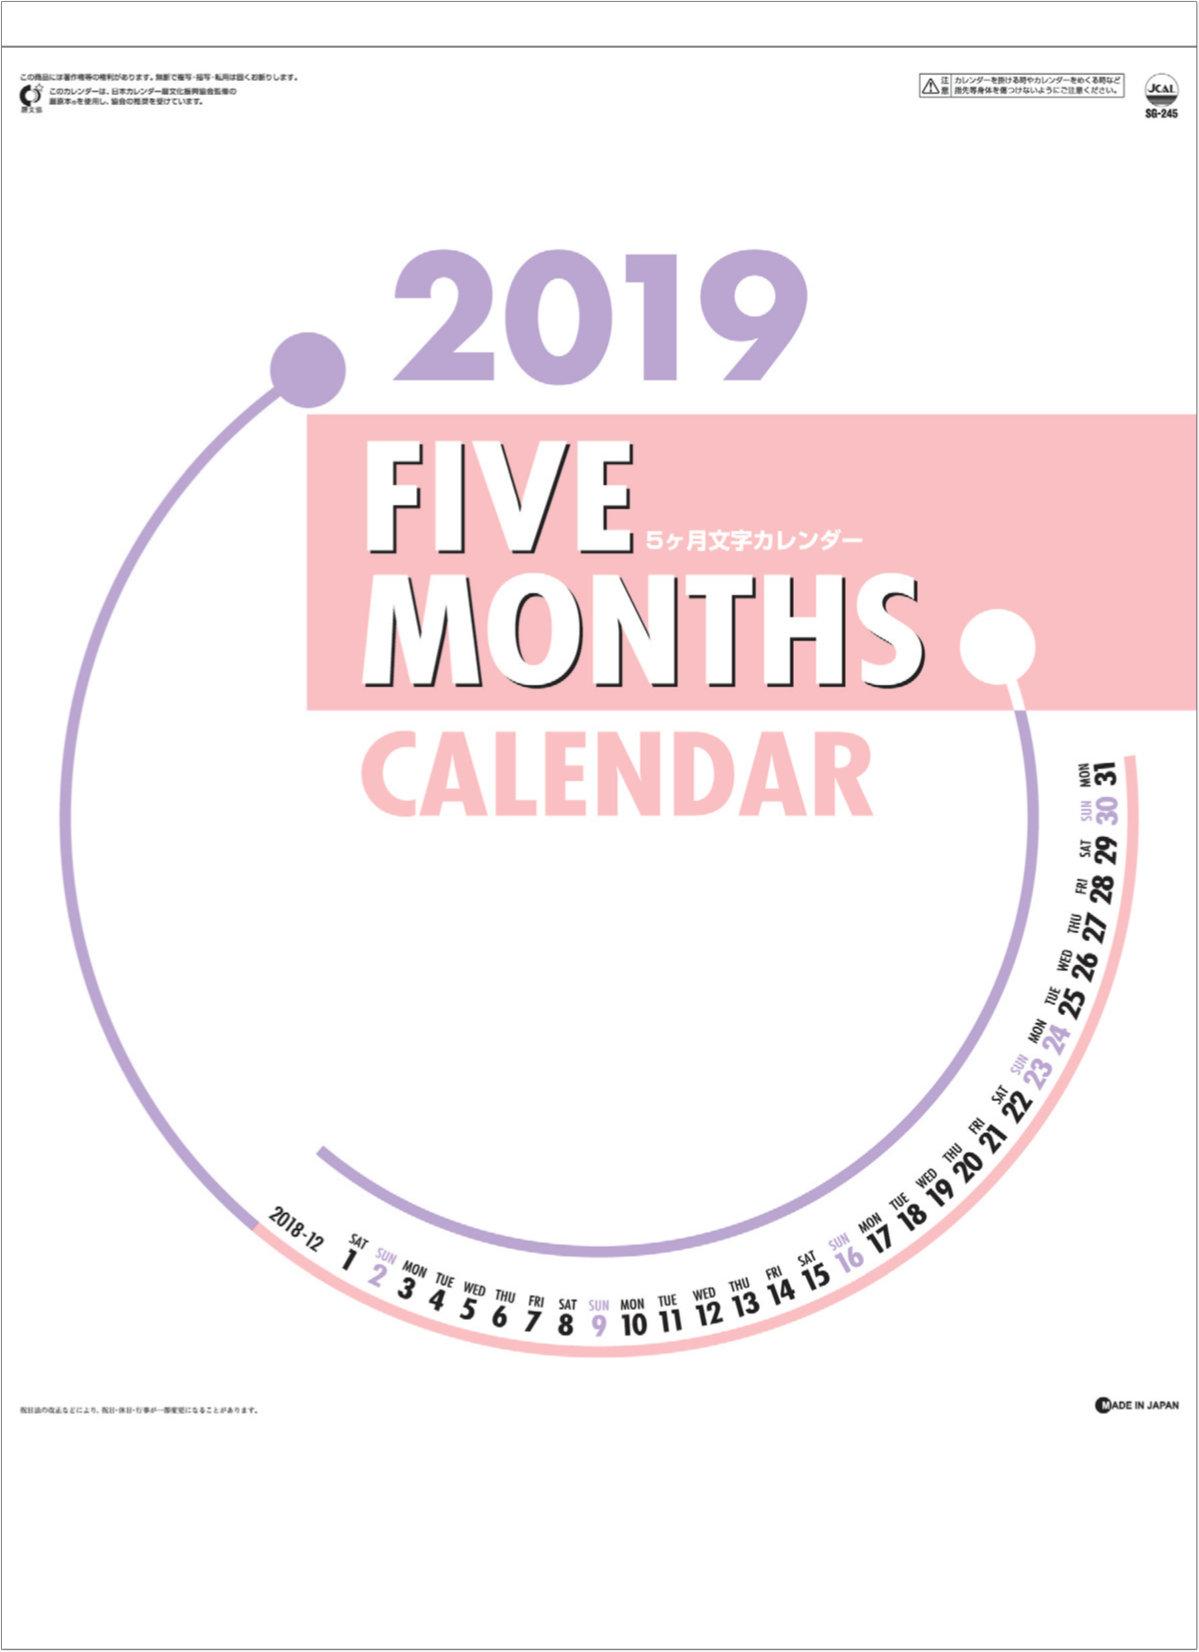 ファイブマンス文字 2019年カレンダー